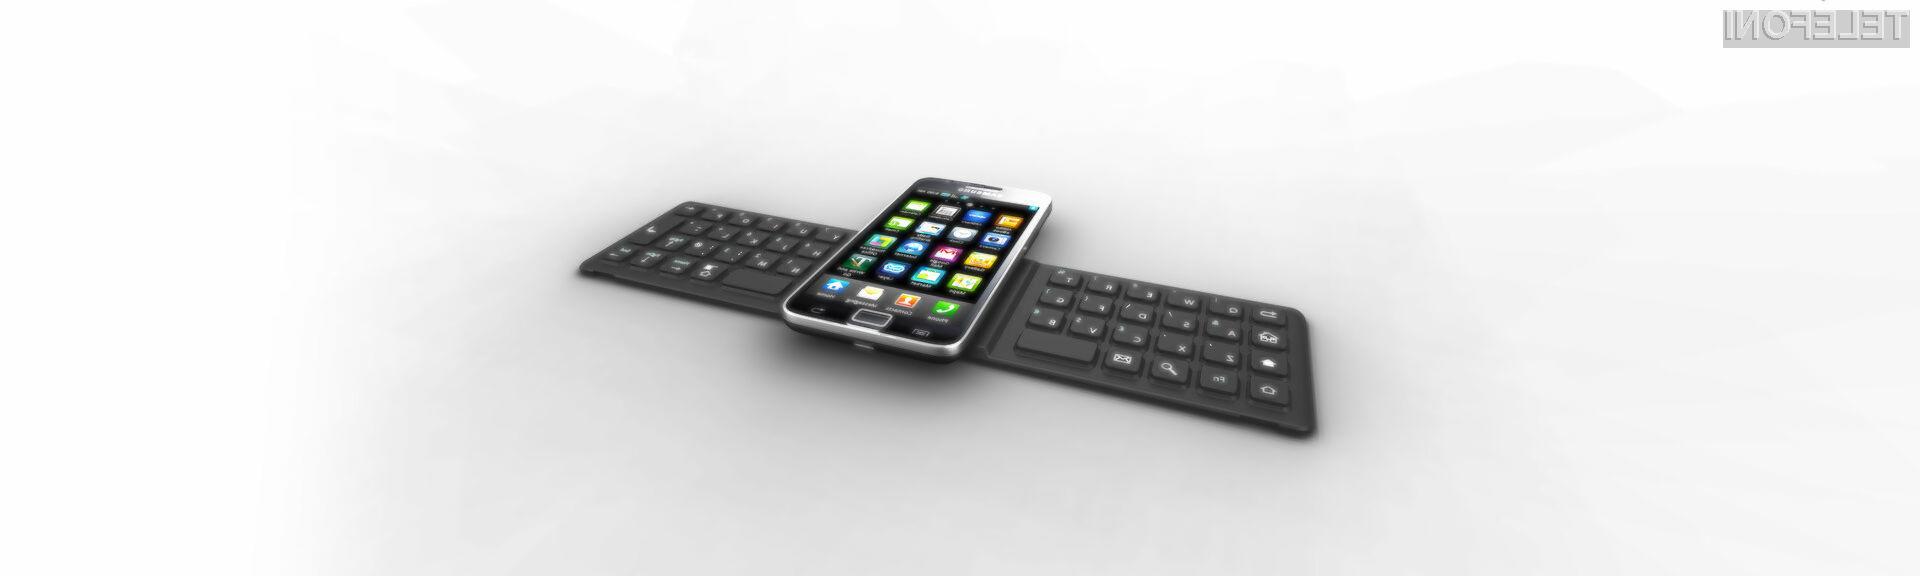 Se vam ob pisanju SMS sporočil rado zatika? Uporabite tipkovnico.